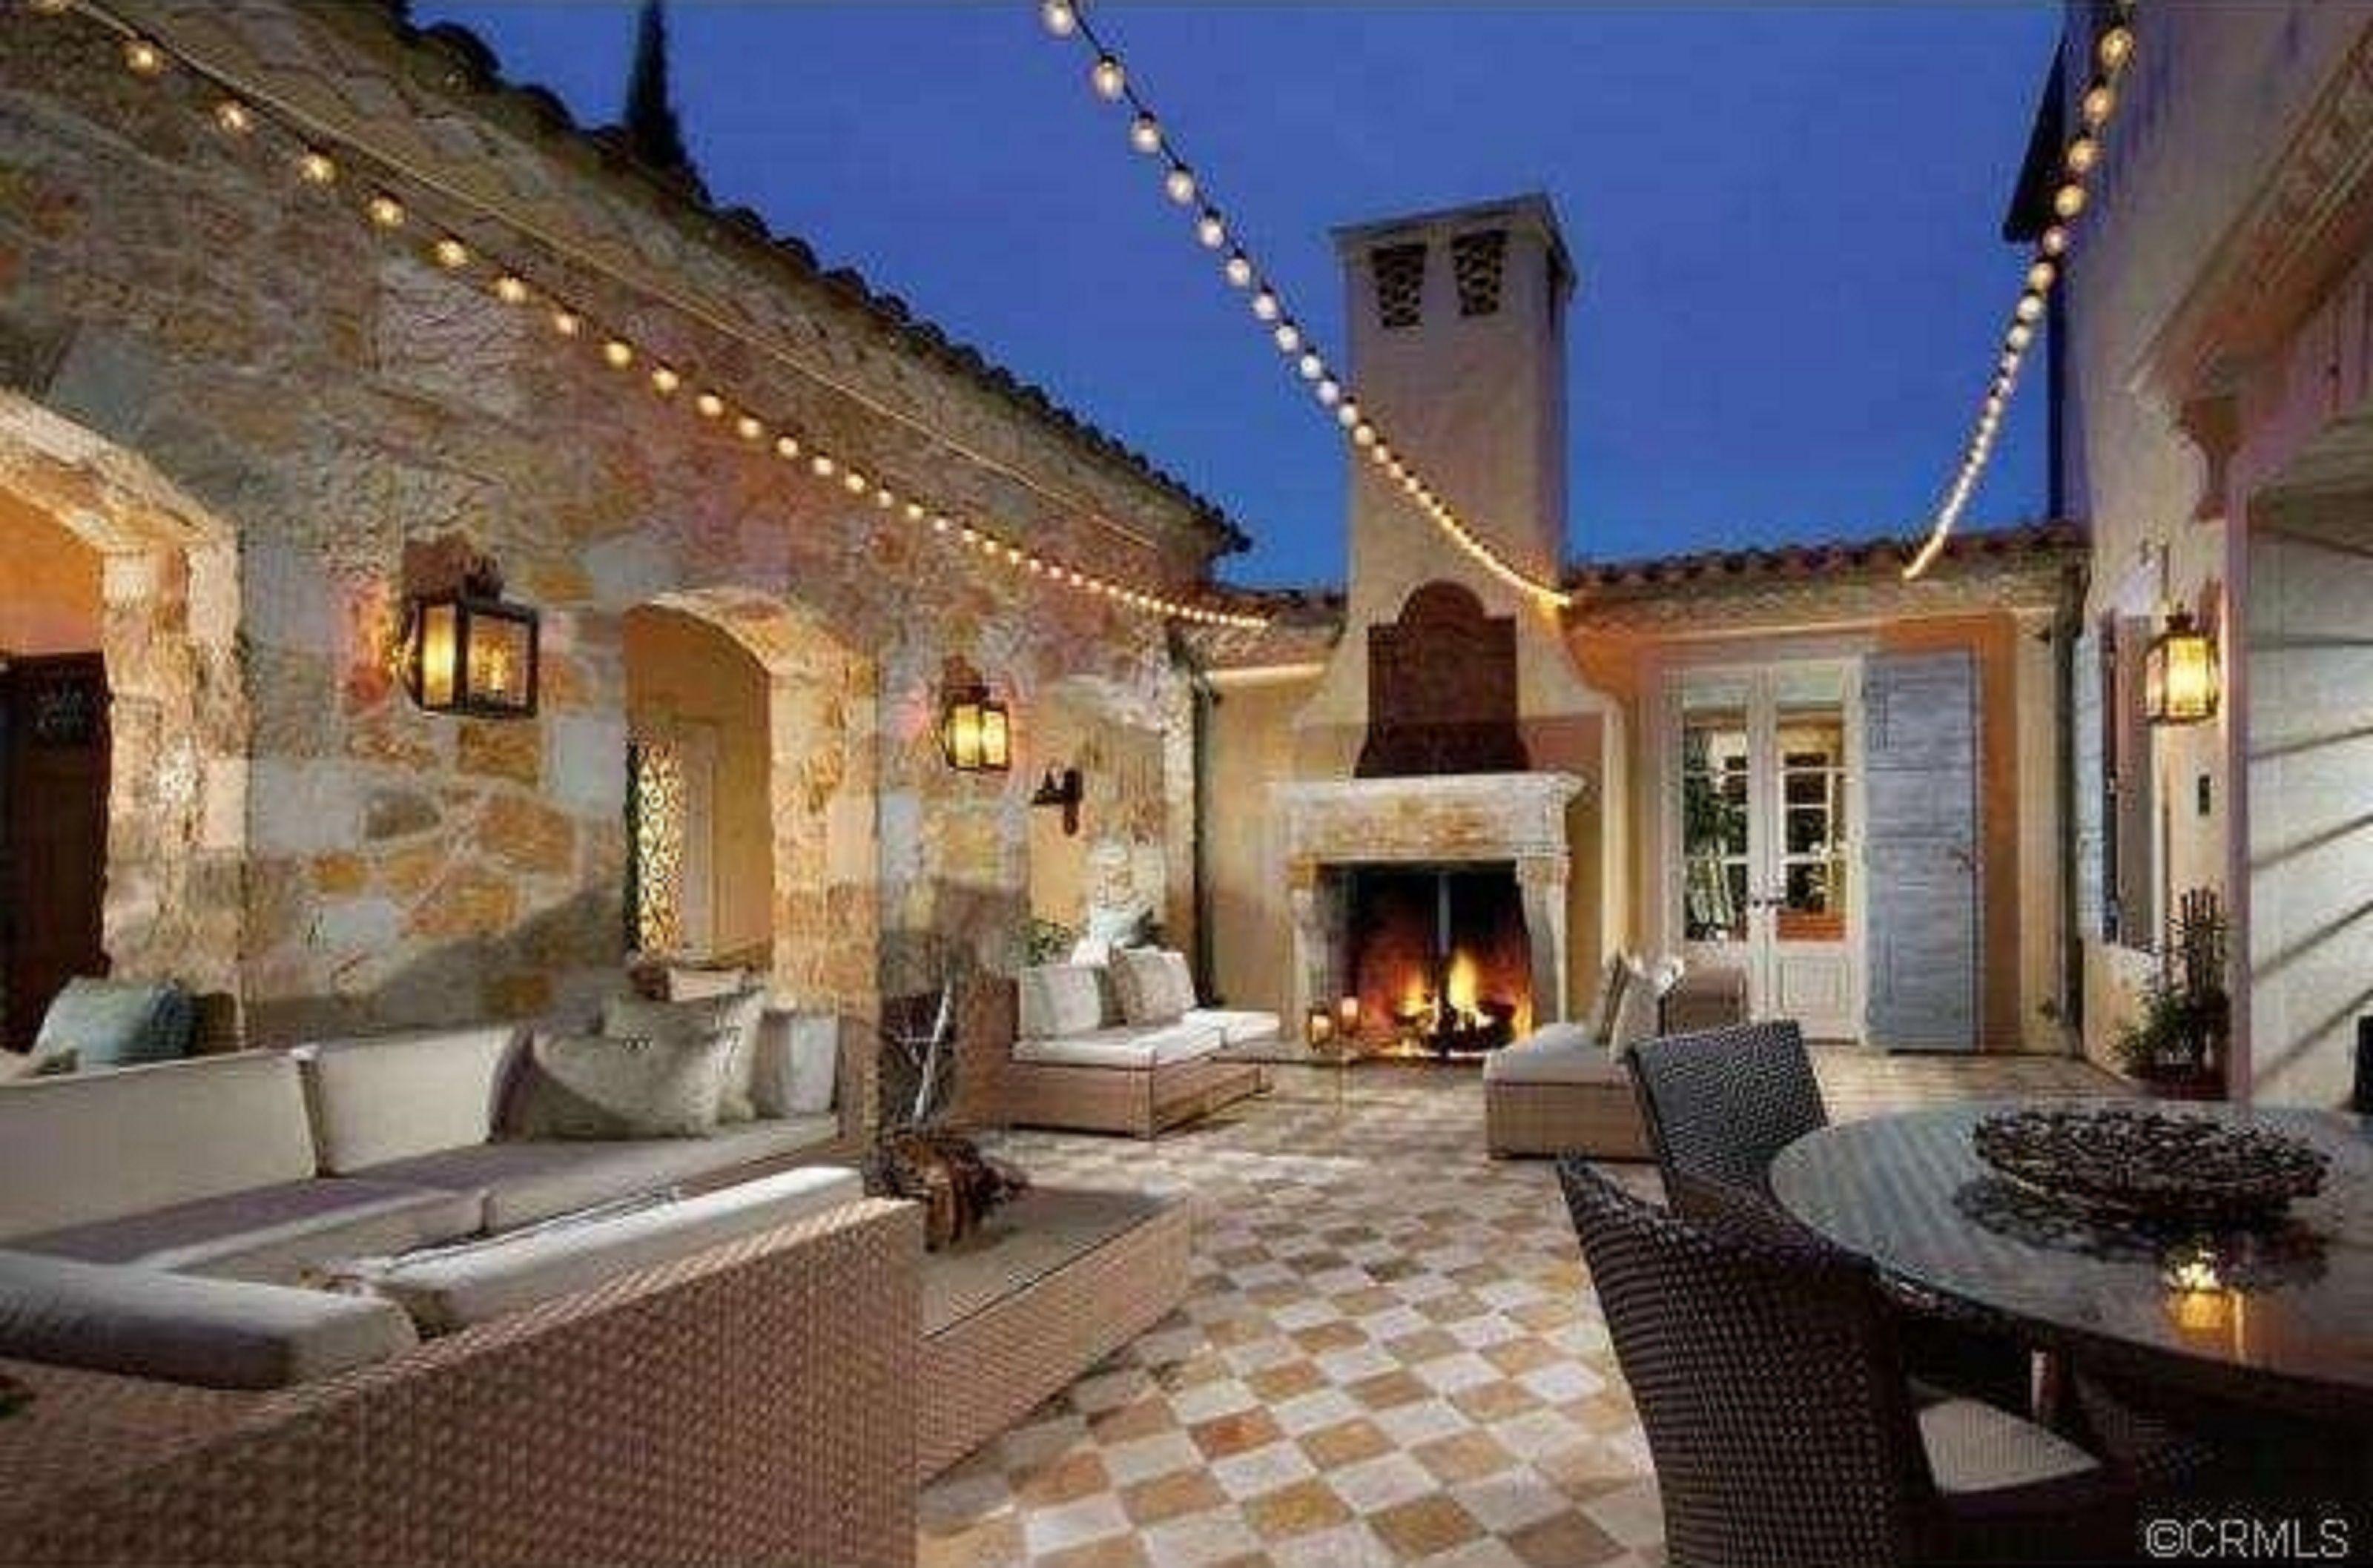 #Courtyard #Fireplace